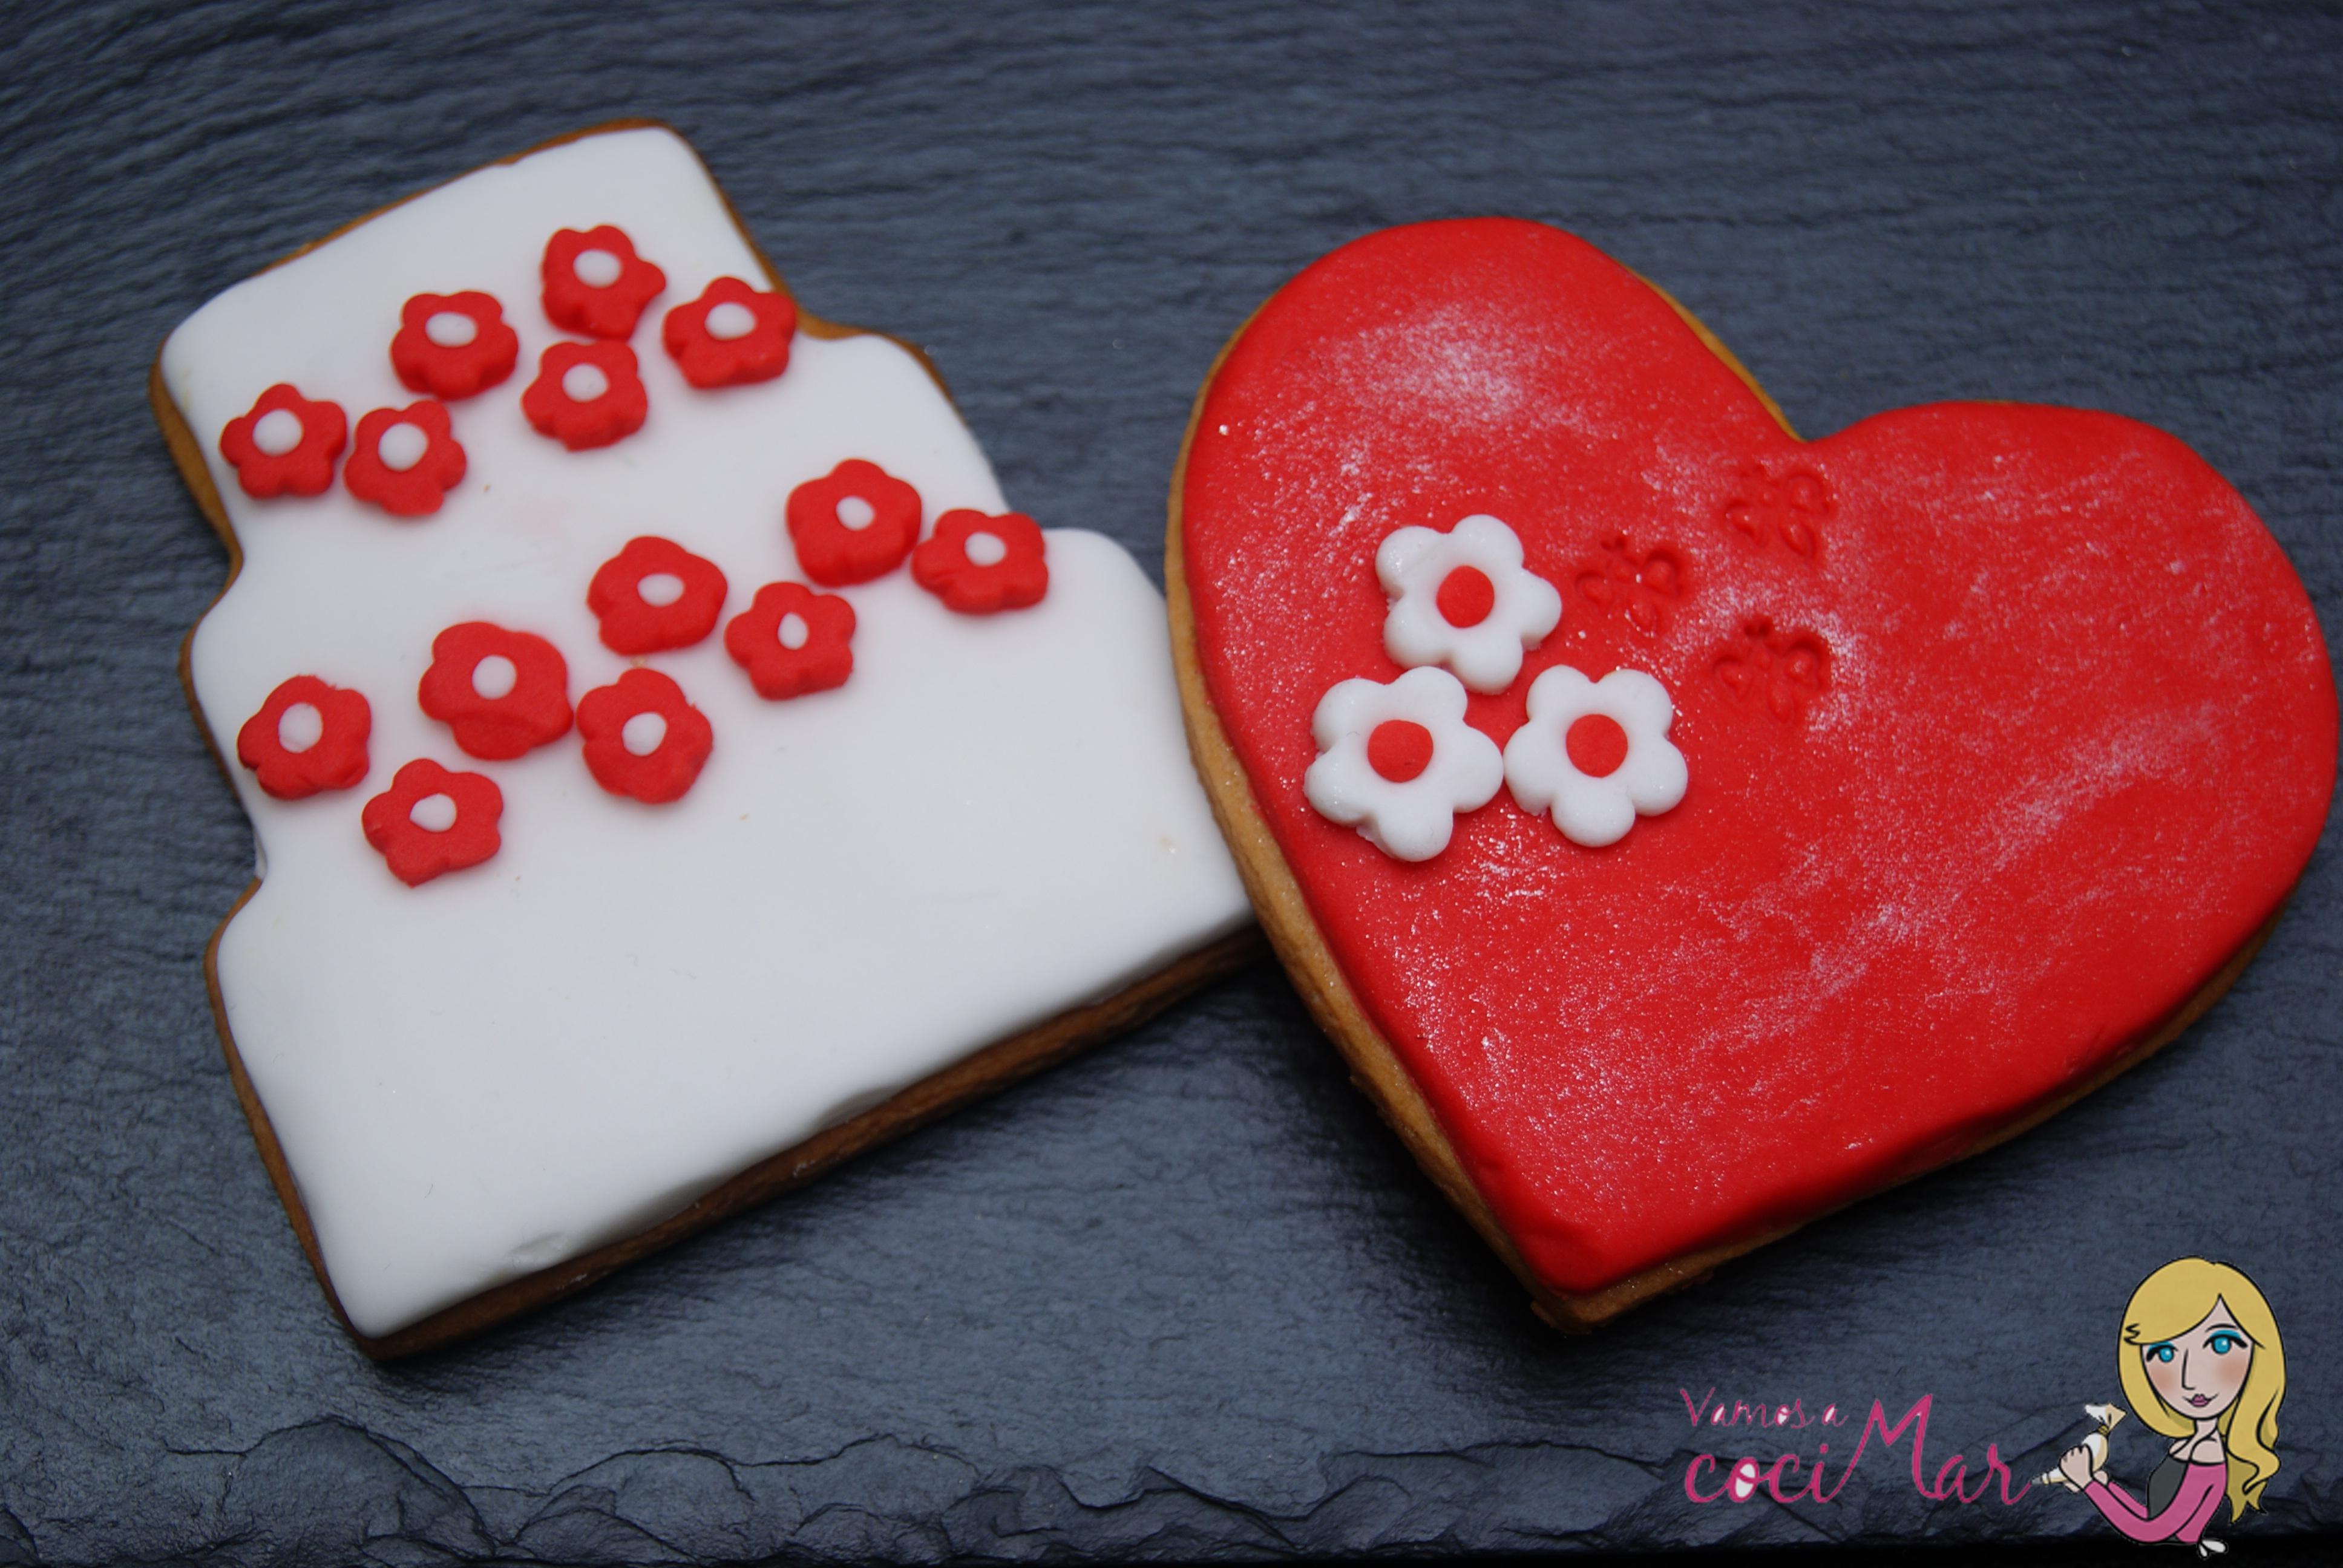 Galletas Y Cupcake Decorados Con Fondant De San Valentin